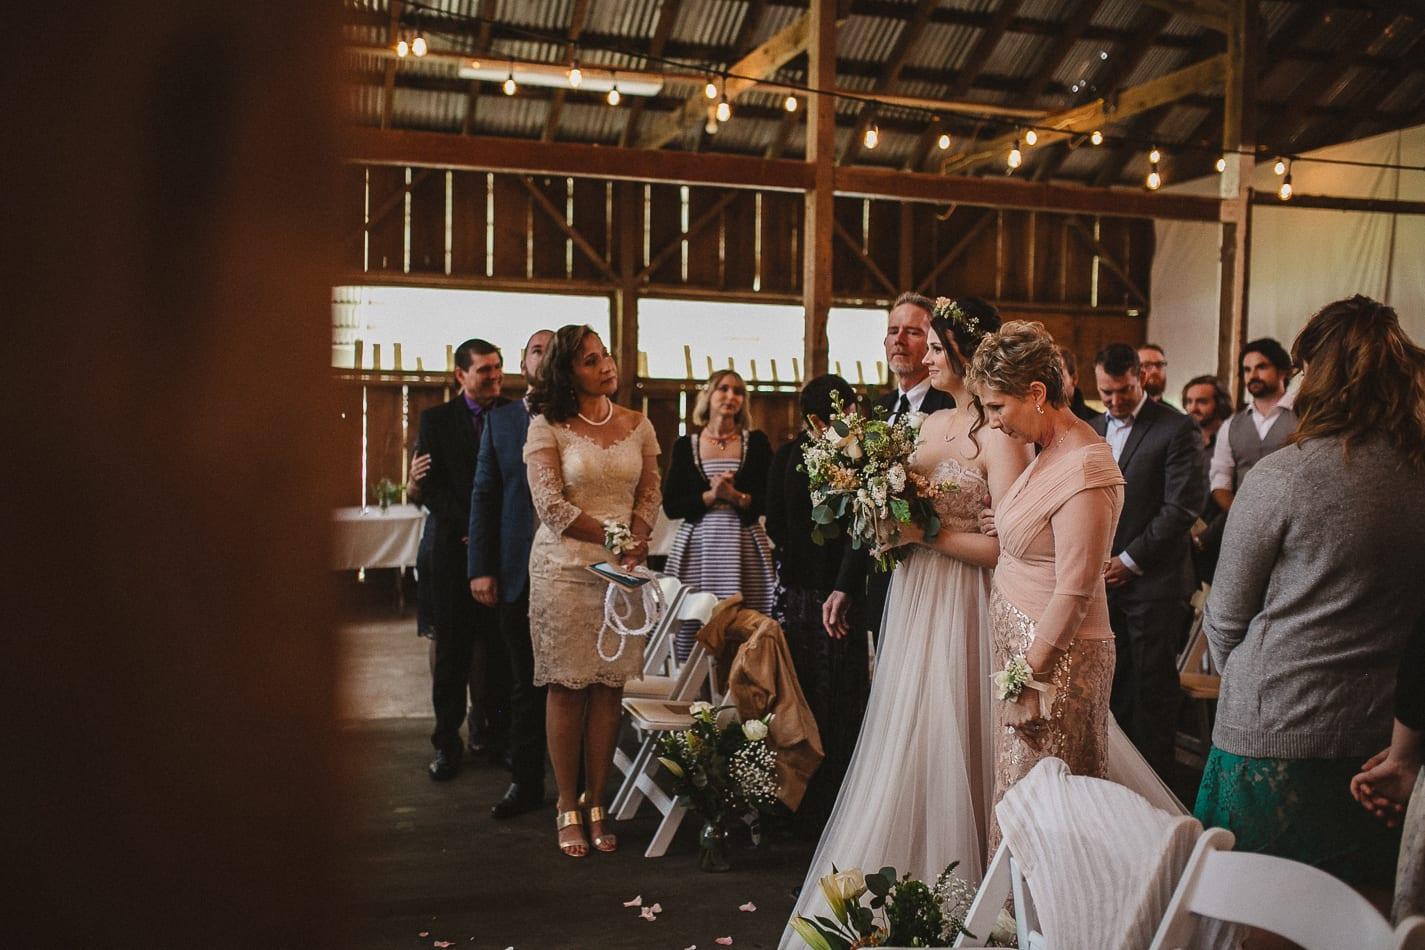 gover-ranch-redding-california-wedding-photographer-109